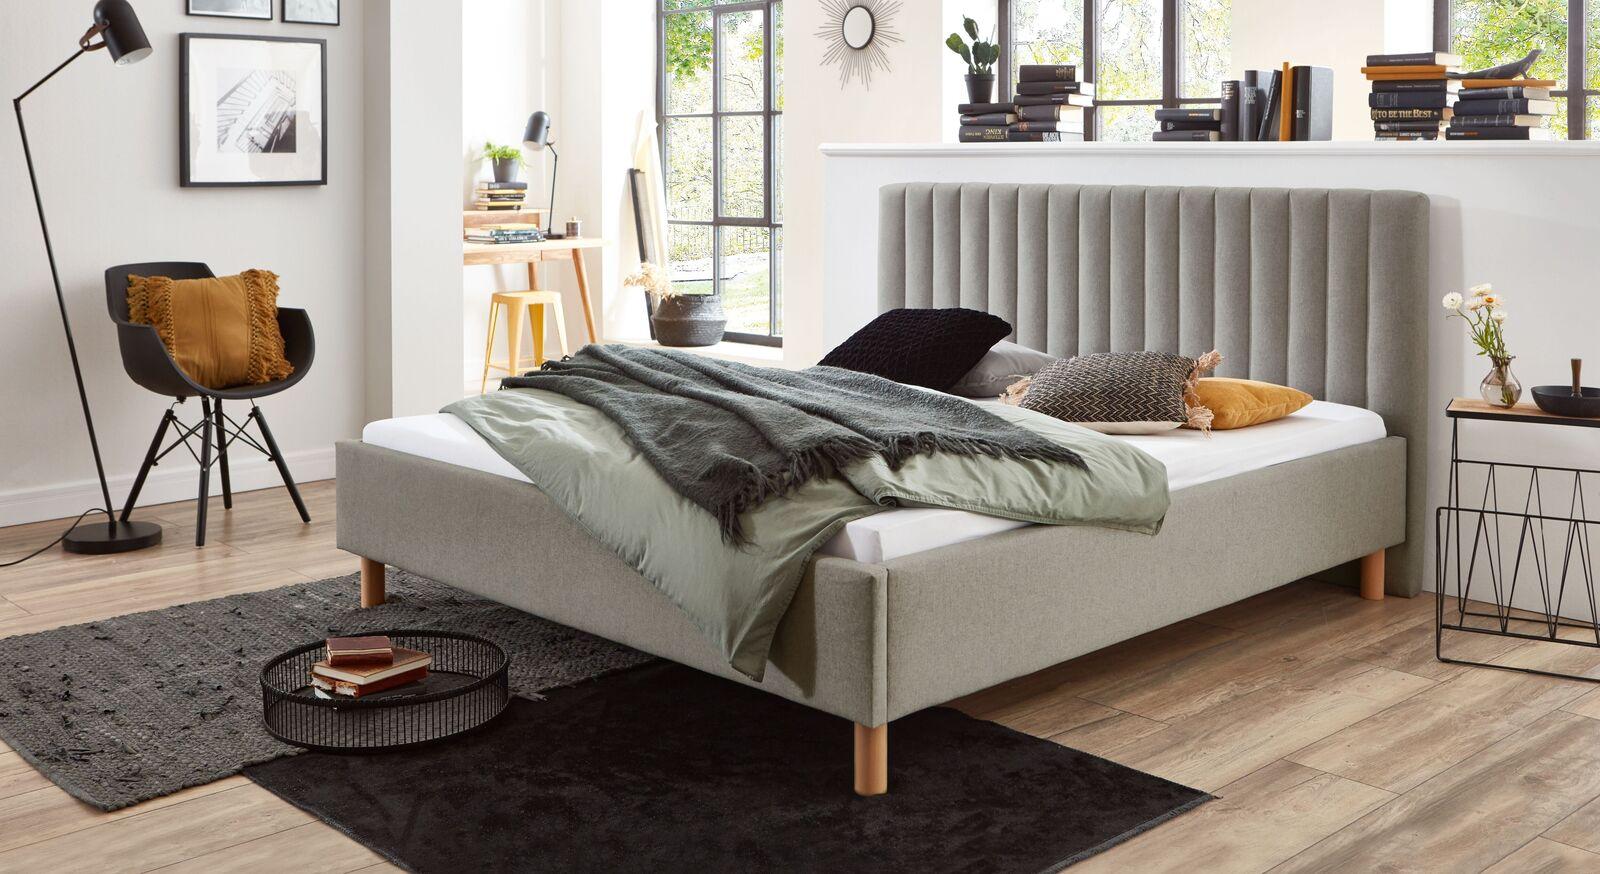 Bett Medana mit einem extravaganten Design